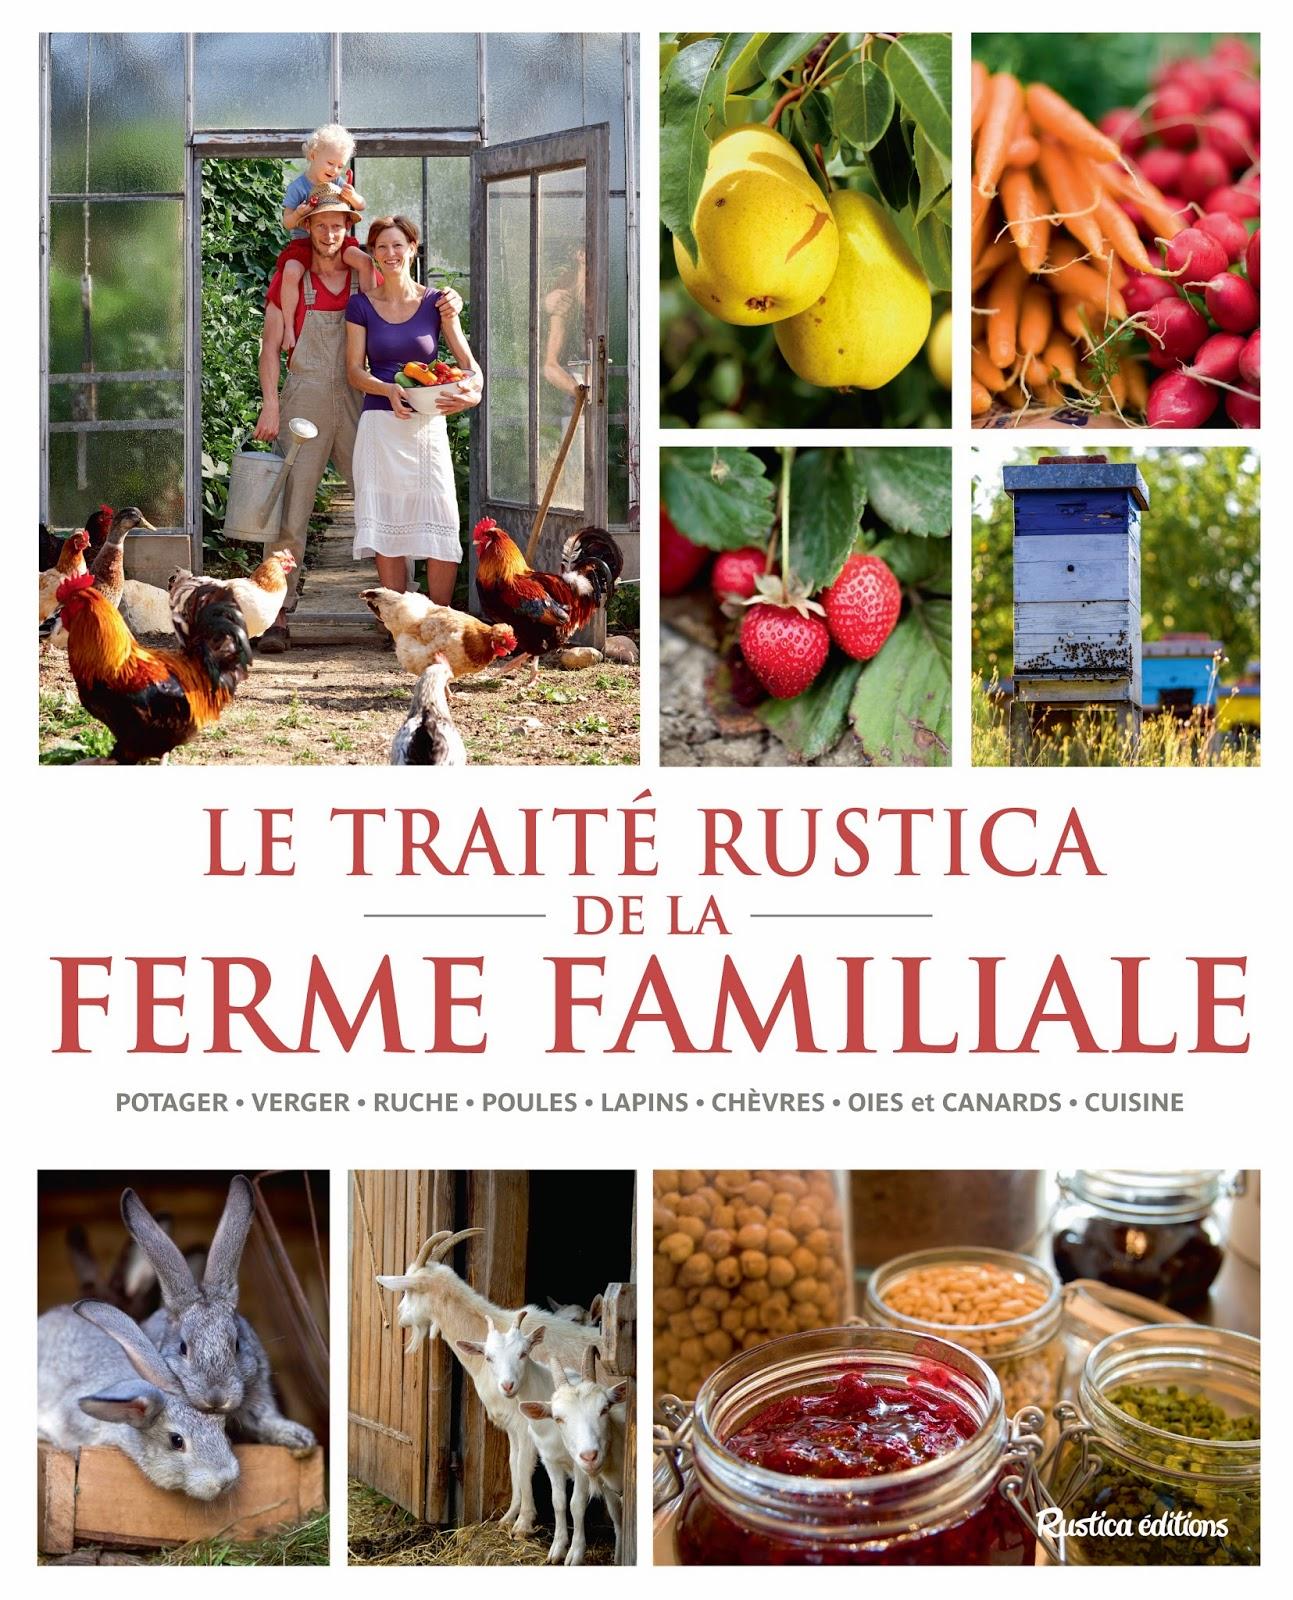 Le traité Rustica de la ferme familiale